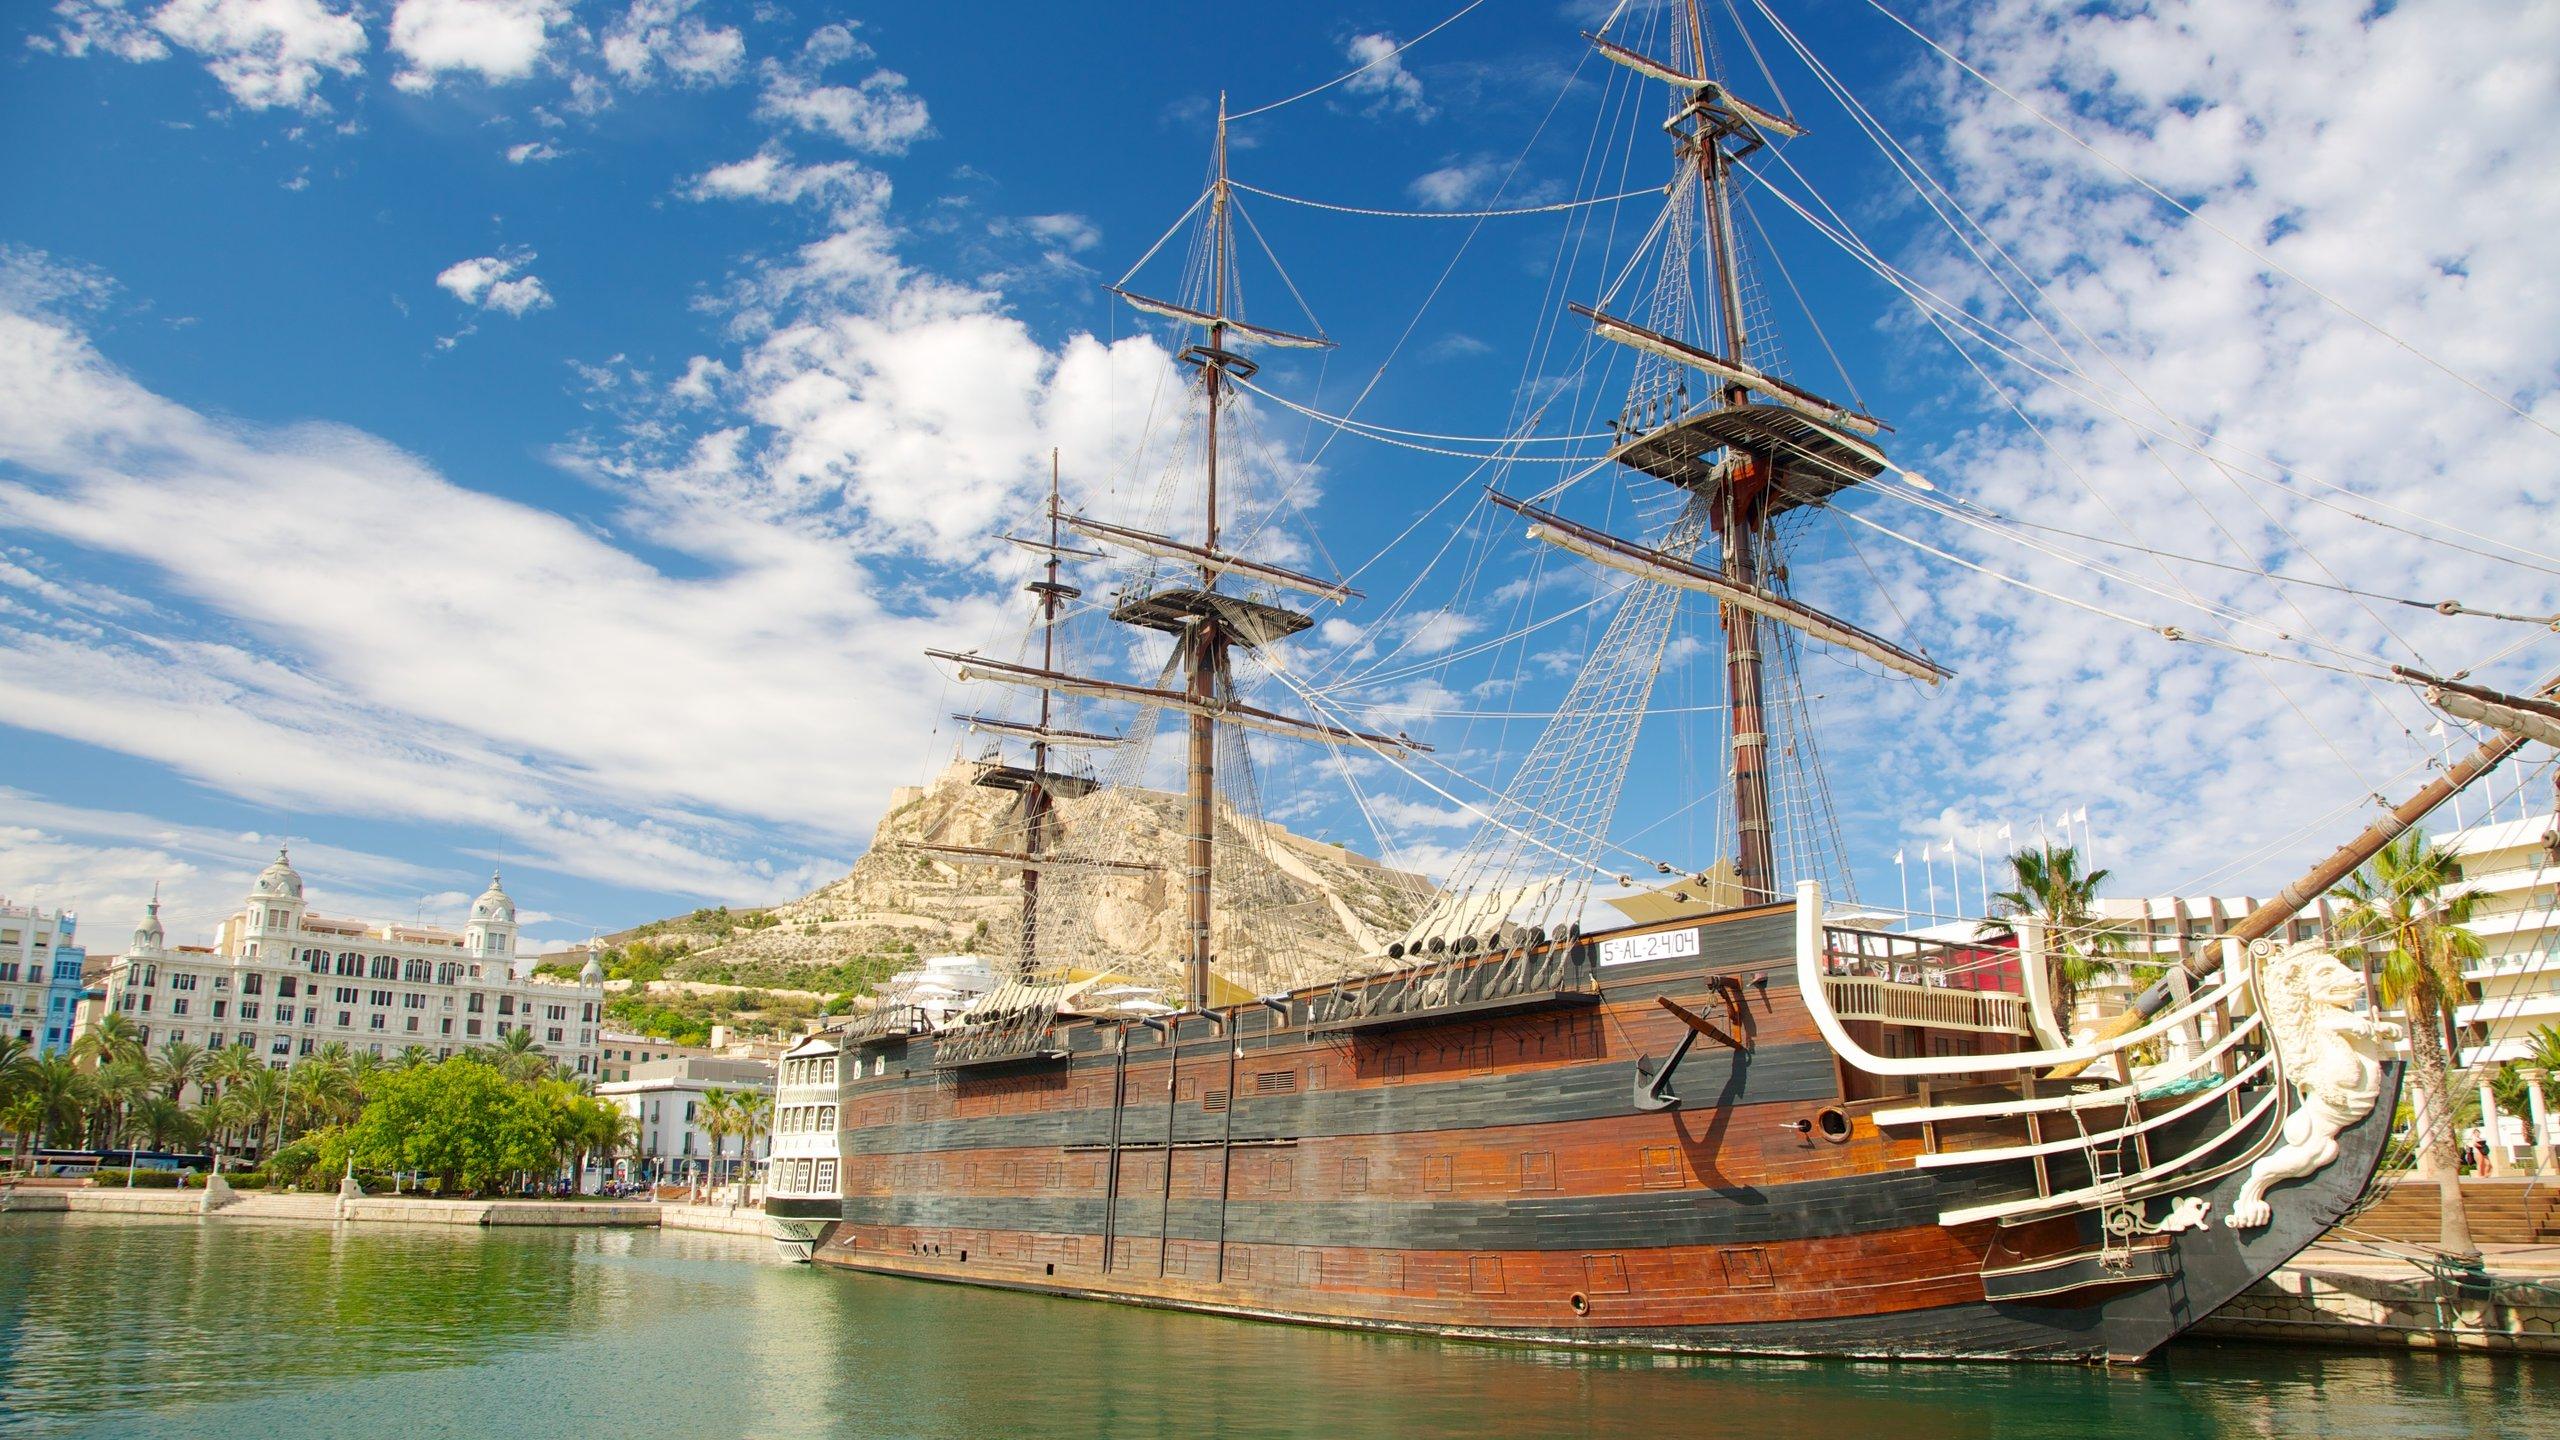 De haven van Alicante was eens een industrieel centrum en is tegenwoordig de plek waar je enkele van de beste bars en restaurants van de stad aantreft met uitzicht op het pittoreske strand Playa del Postiguet.